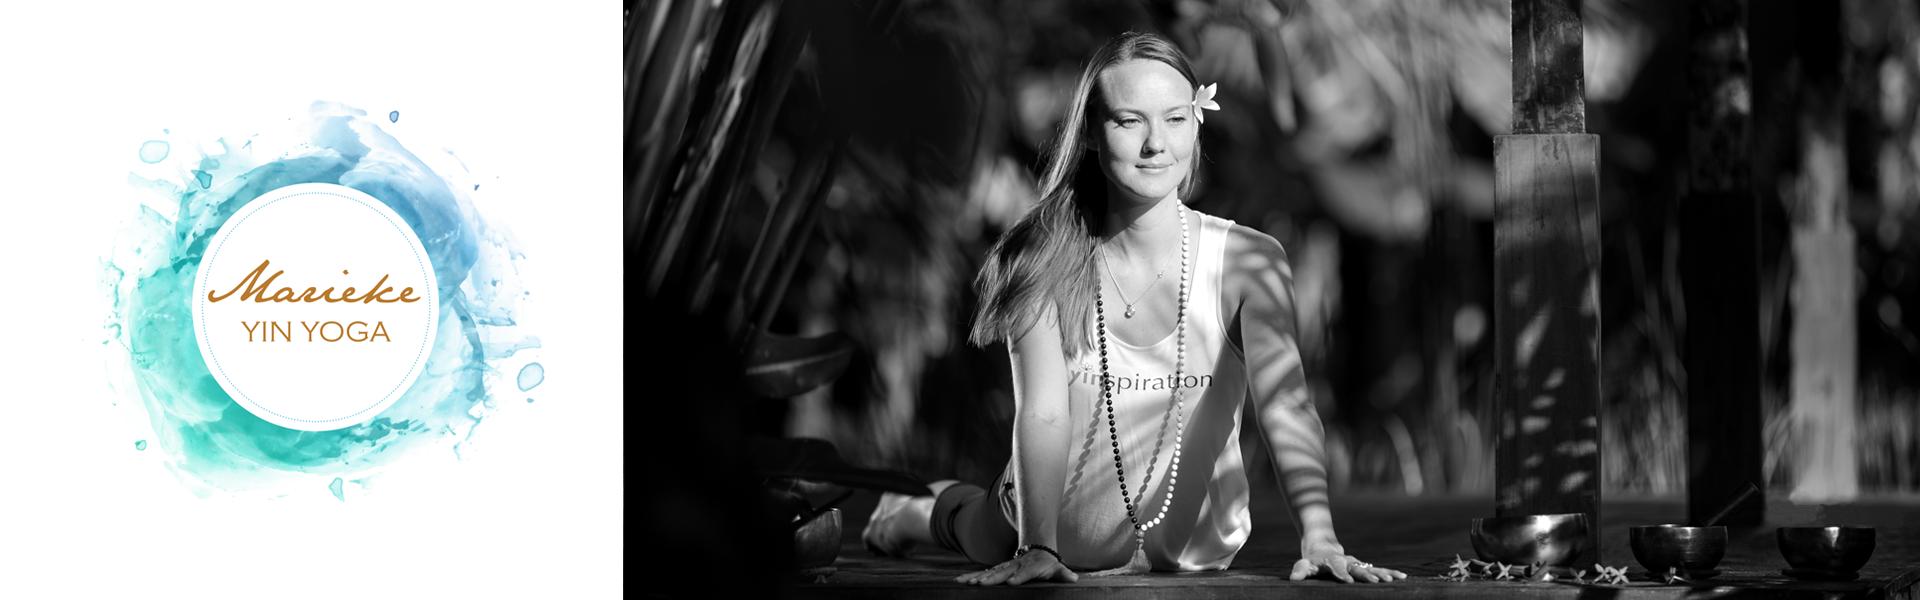 Marieke Vliegen Yin Yoga